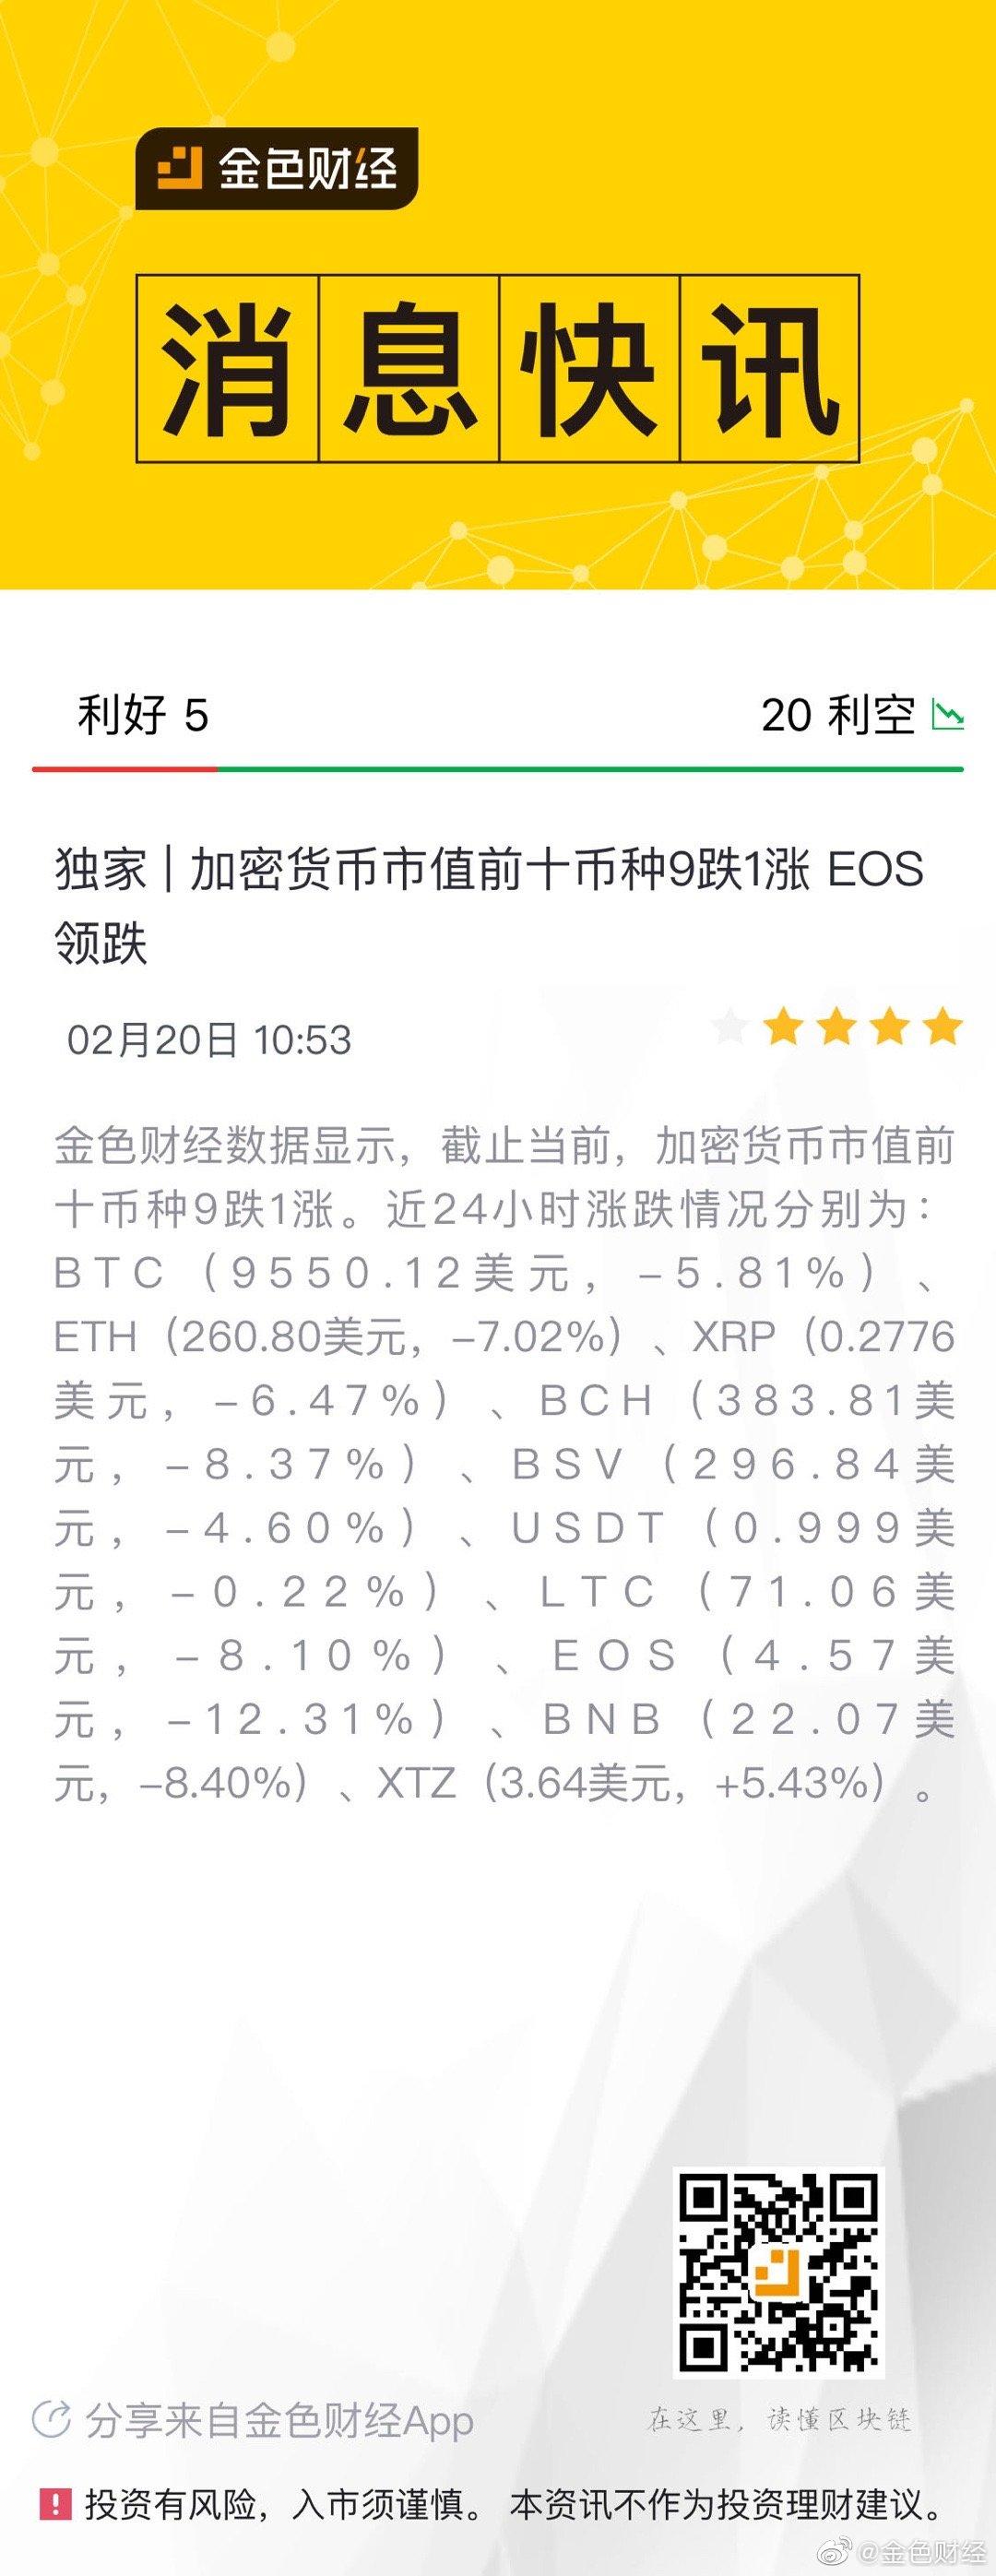 独家   加密货币市值前十币种9跌1涨 EOS领跌我怀疑奶王该出来背锅